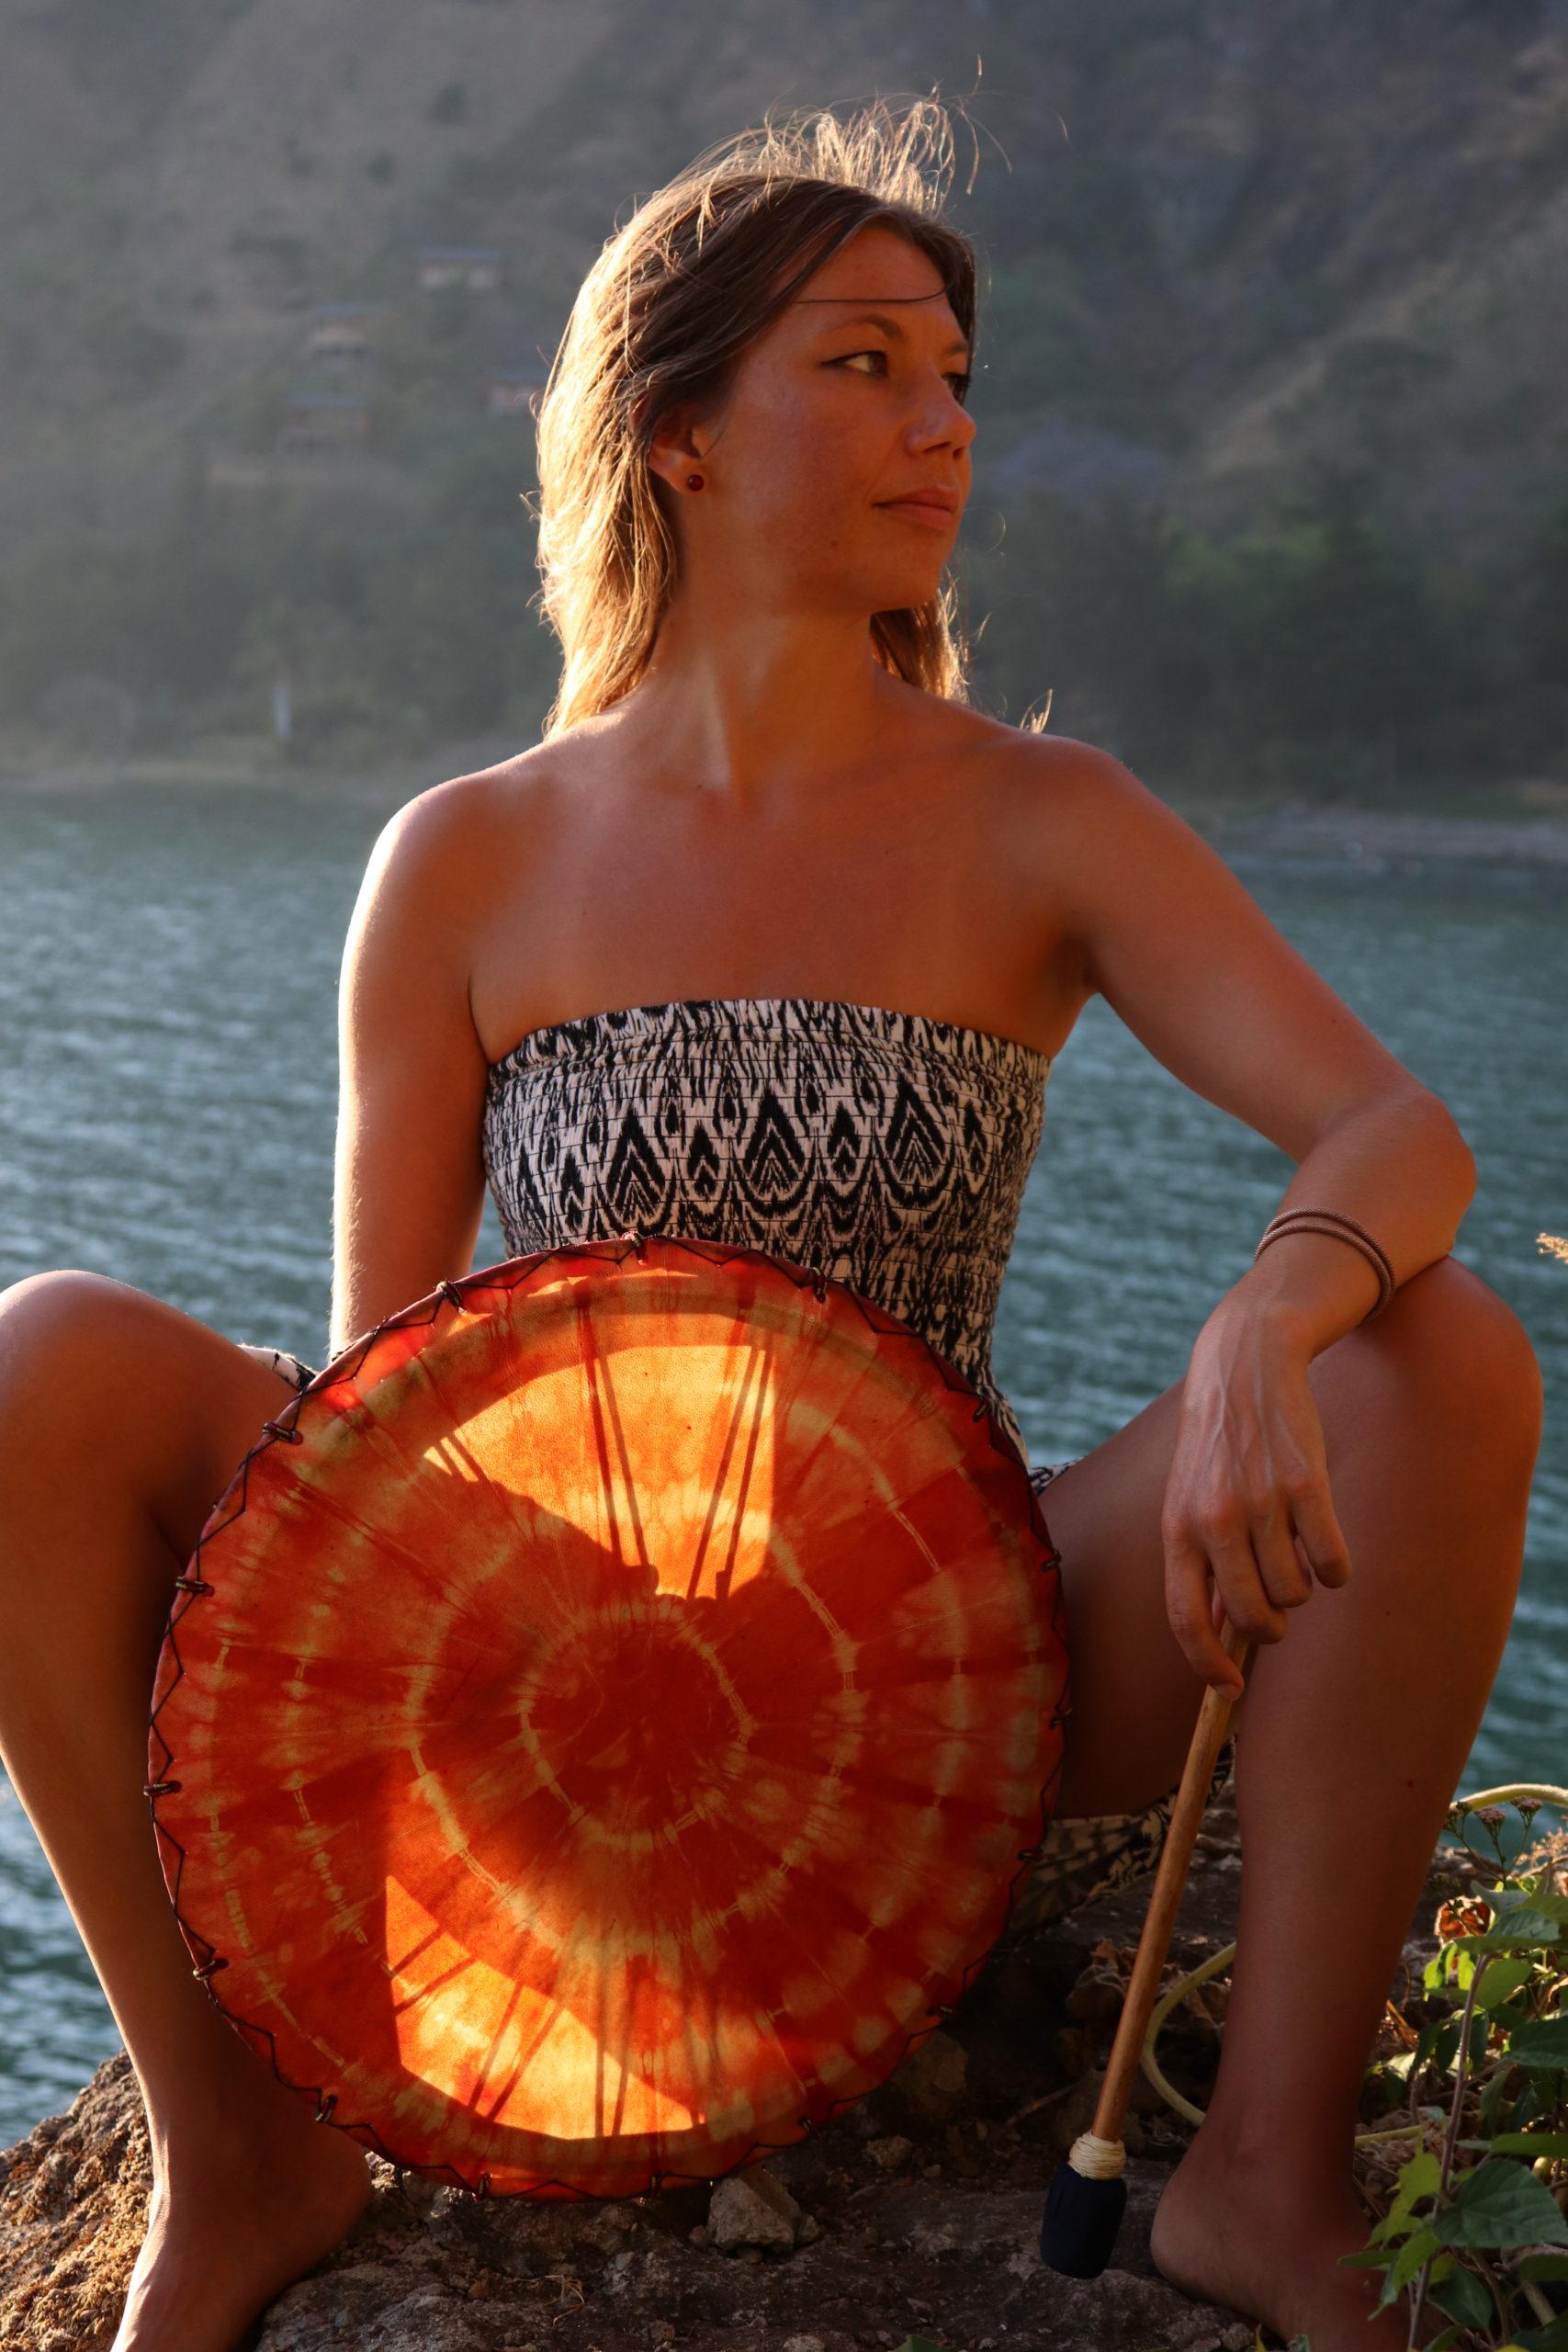 Kamala.rocks by Dr. Melanie Wenzel